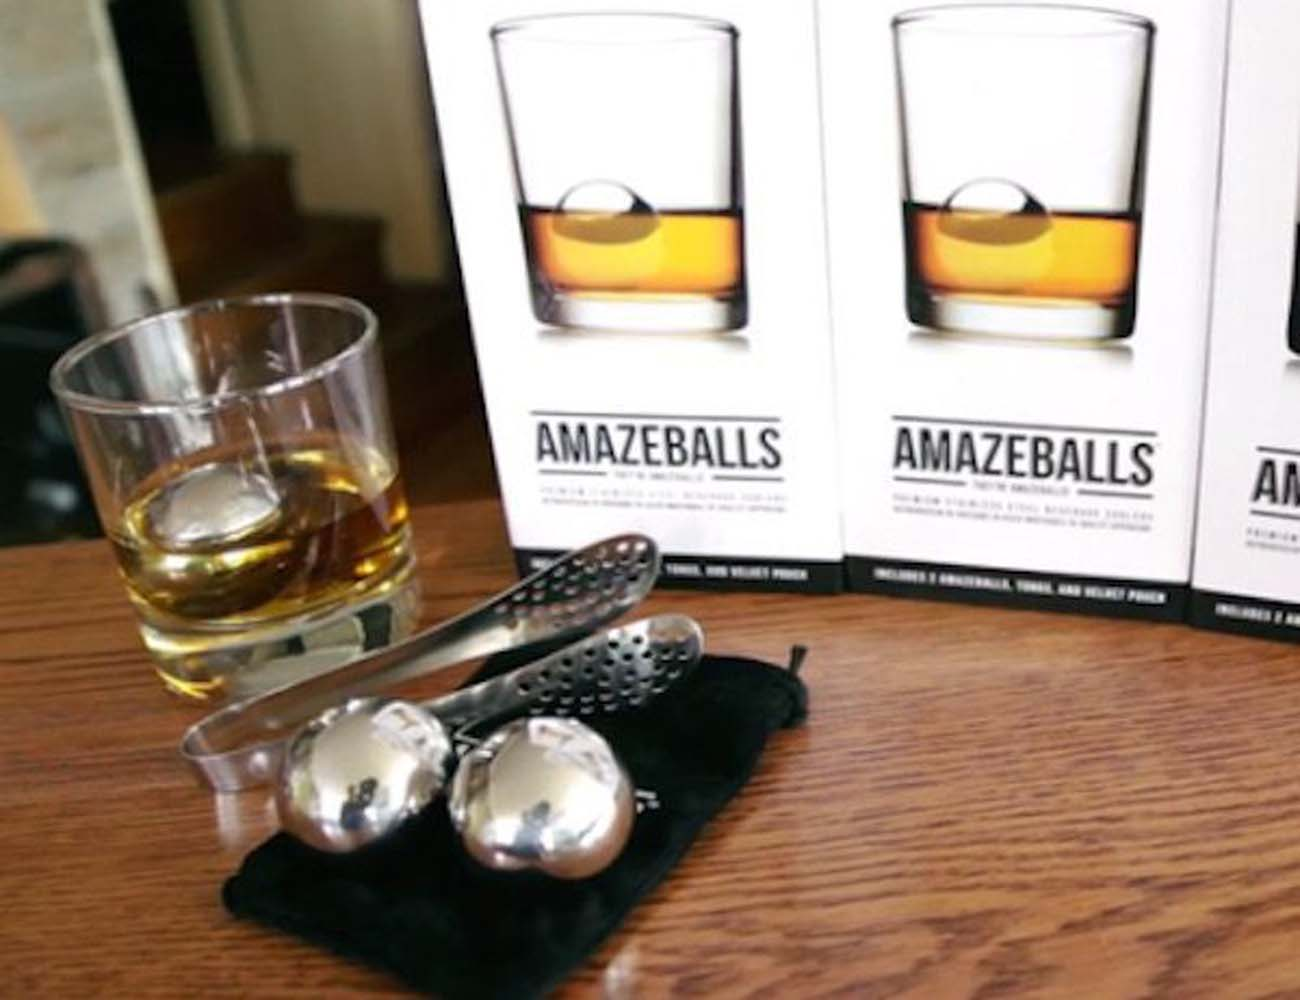 Amazeballs%E2%84%A2